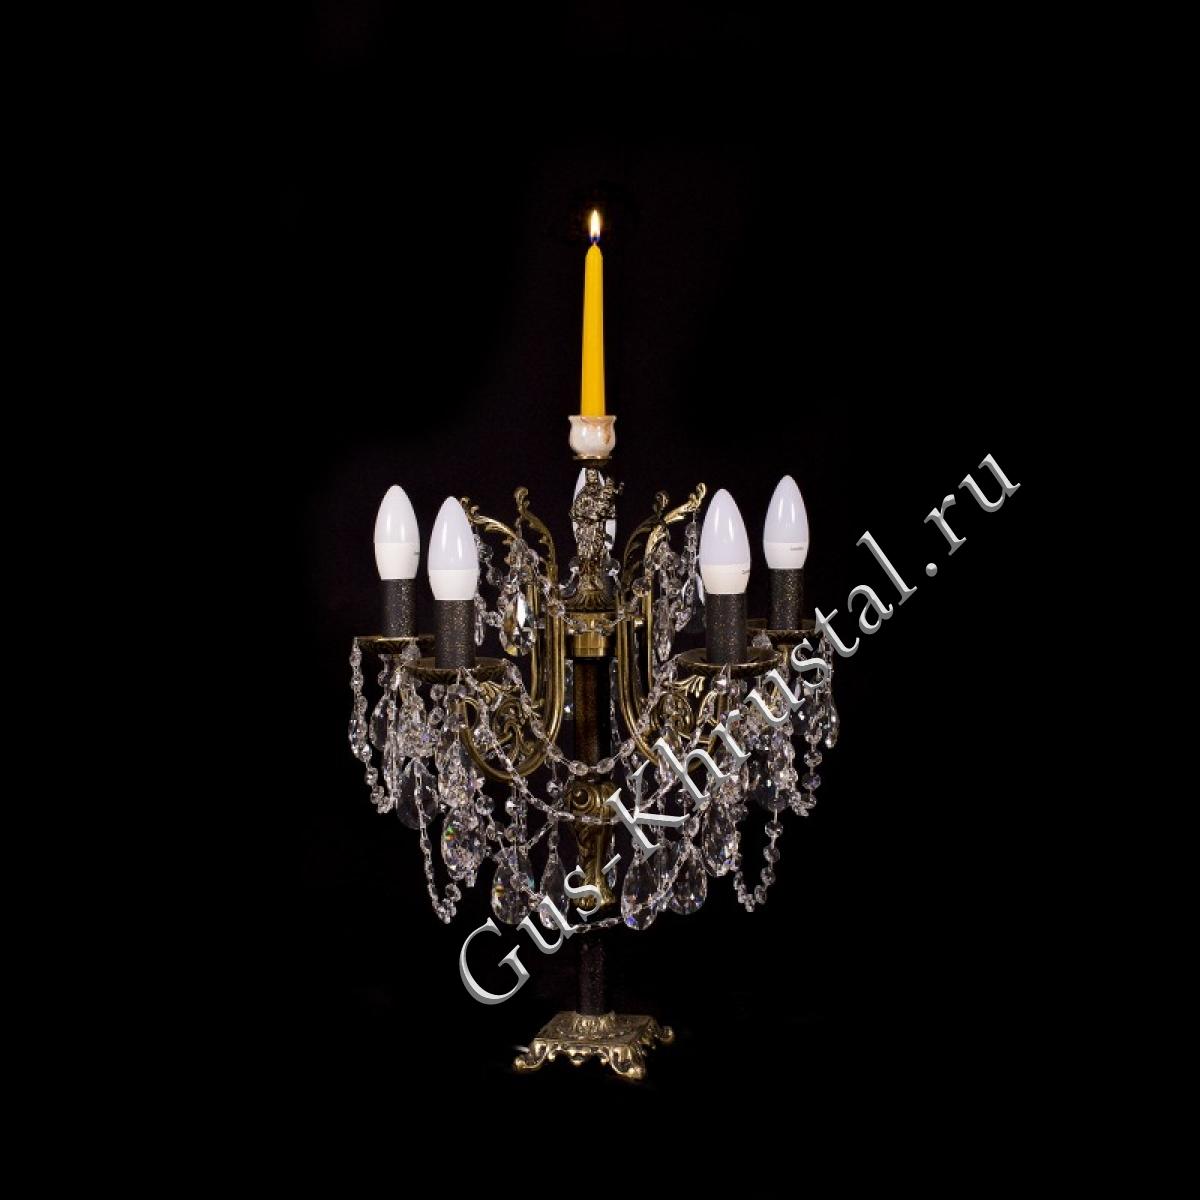 Настольная лампа бронзовая  №1 (5 ламп)